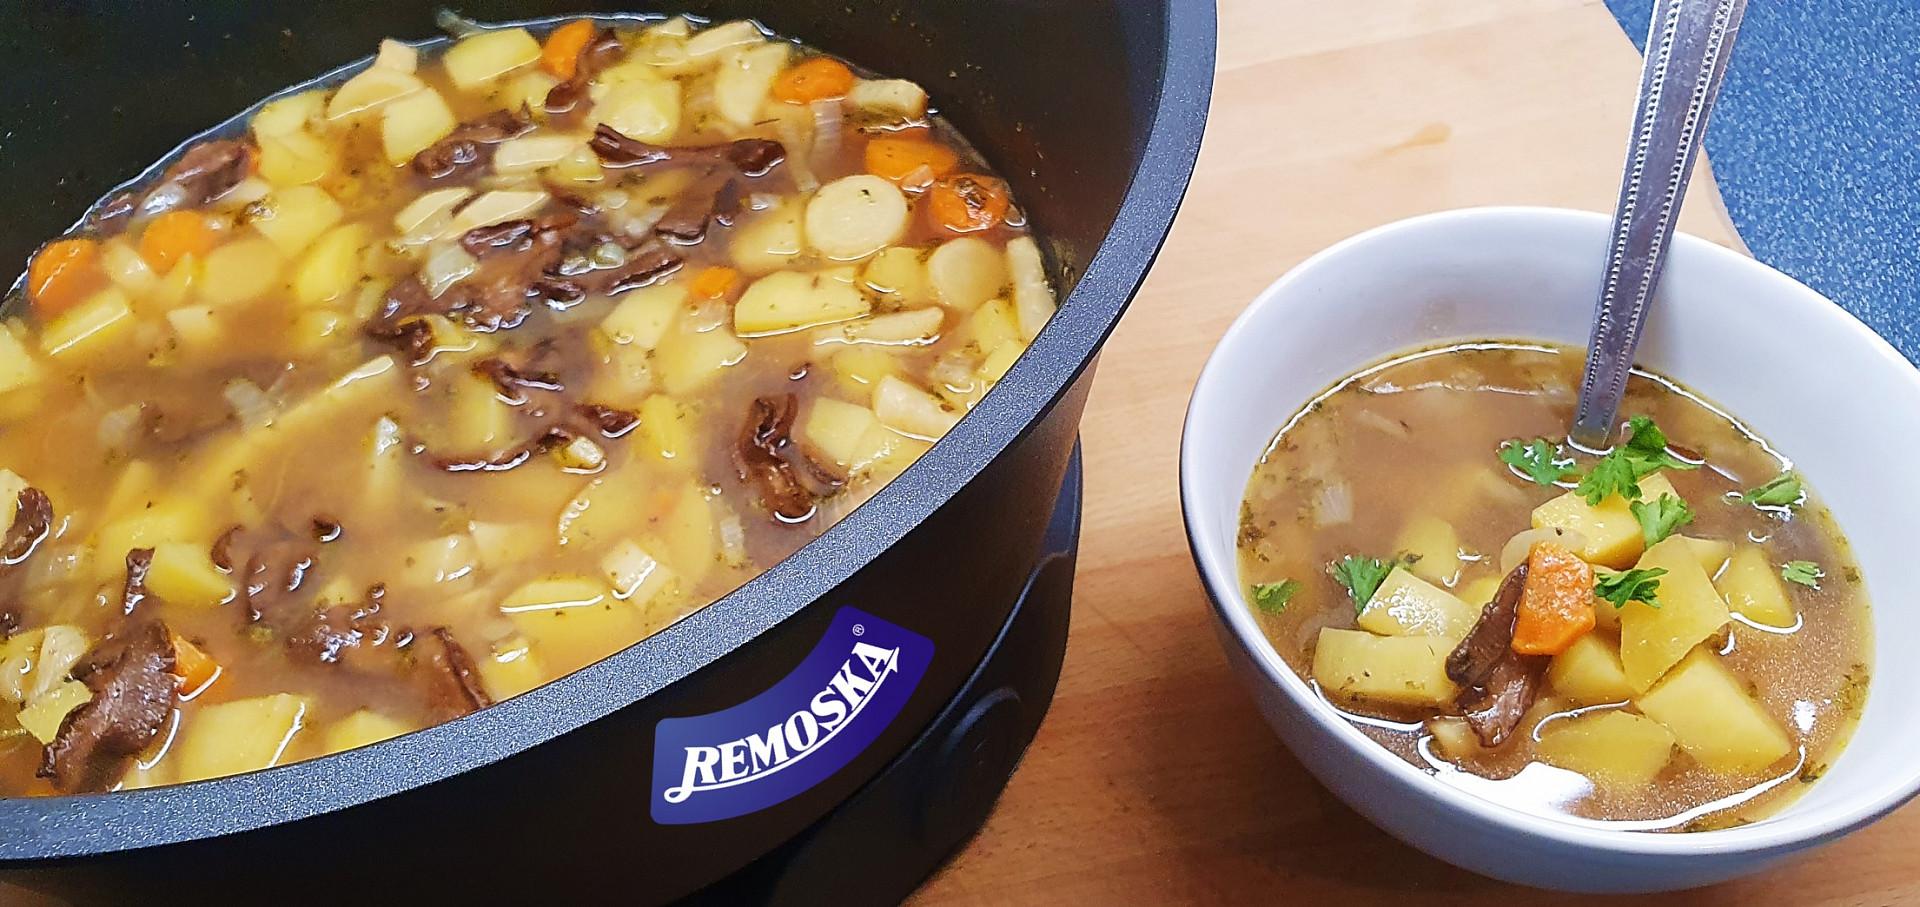 Česká bramboračka z remosky